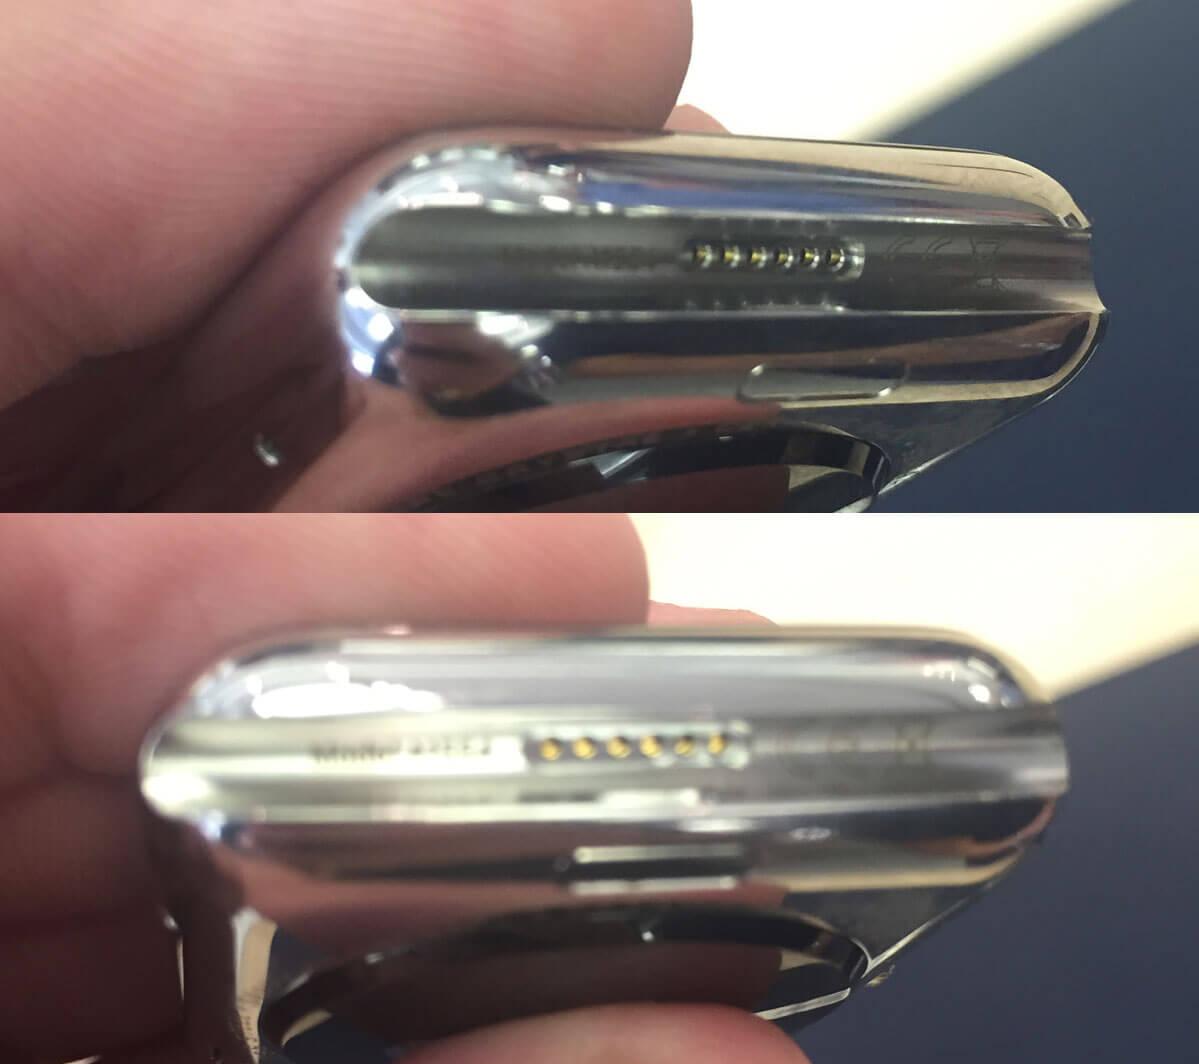 Porta de diagnóstico do Apple Watch